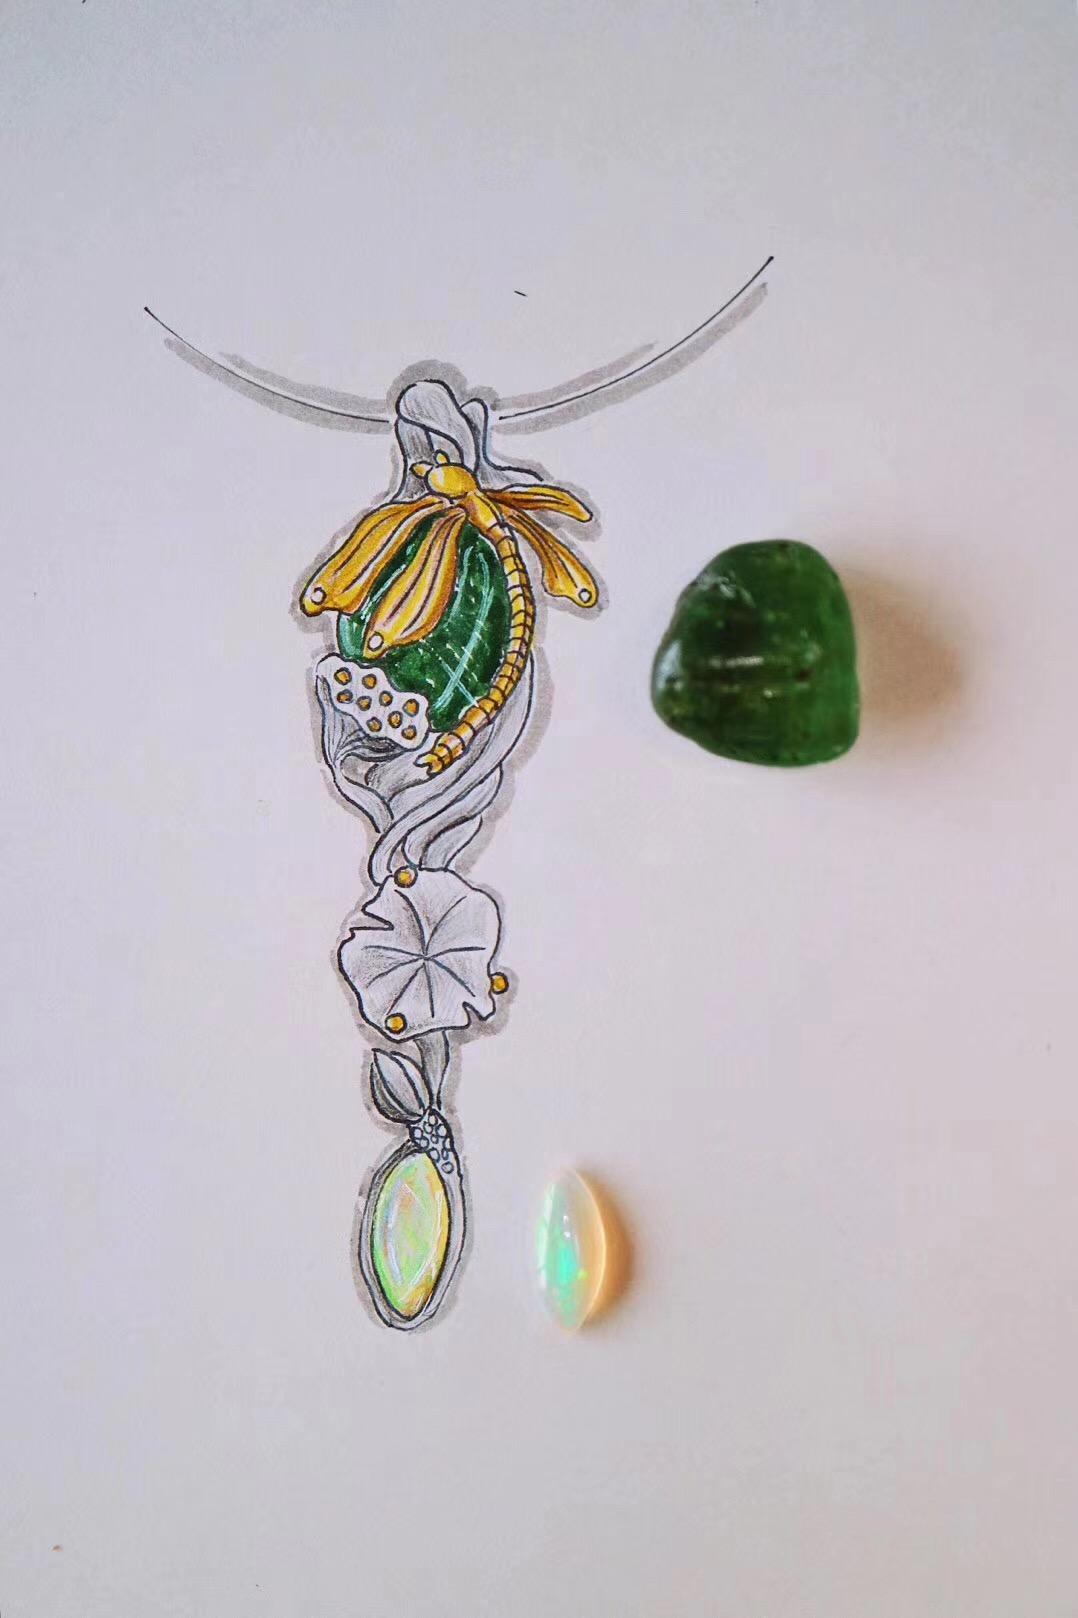 【菩心 绿碧玺】一根代表生命的权杖-菩心晶舍